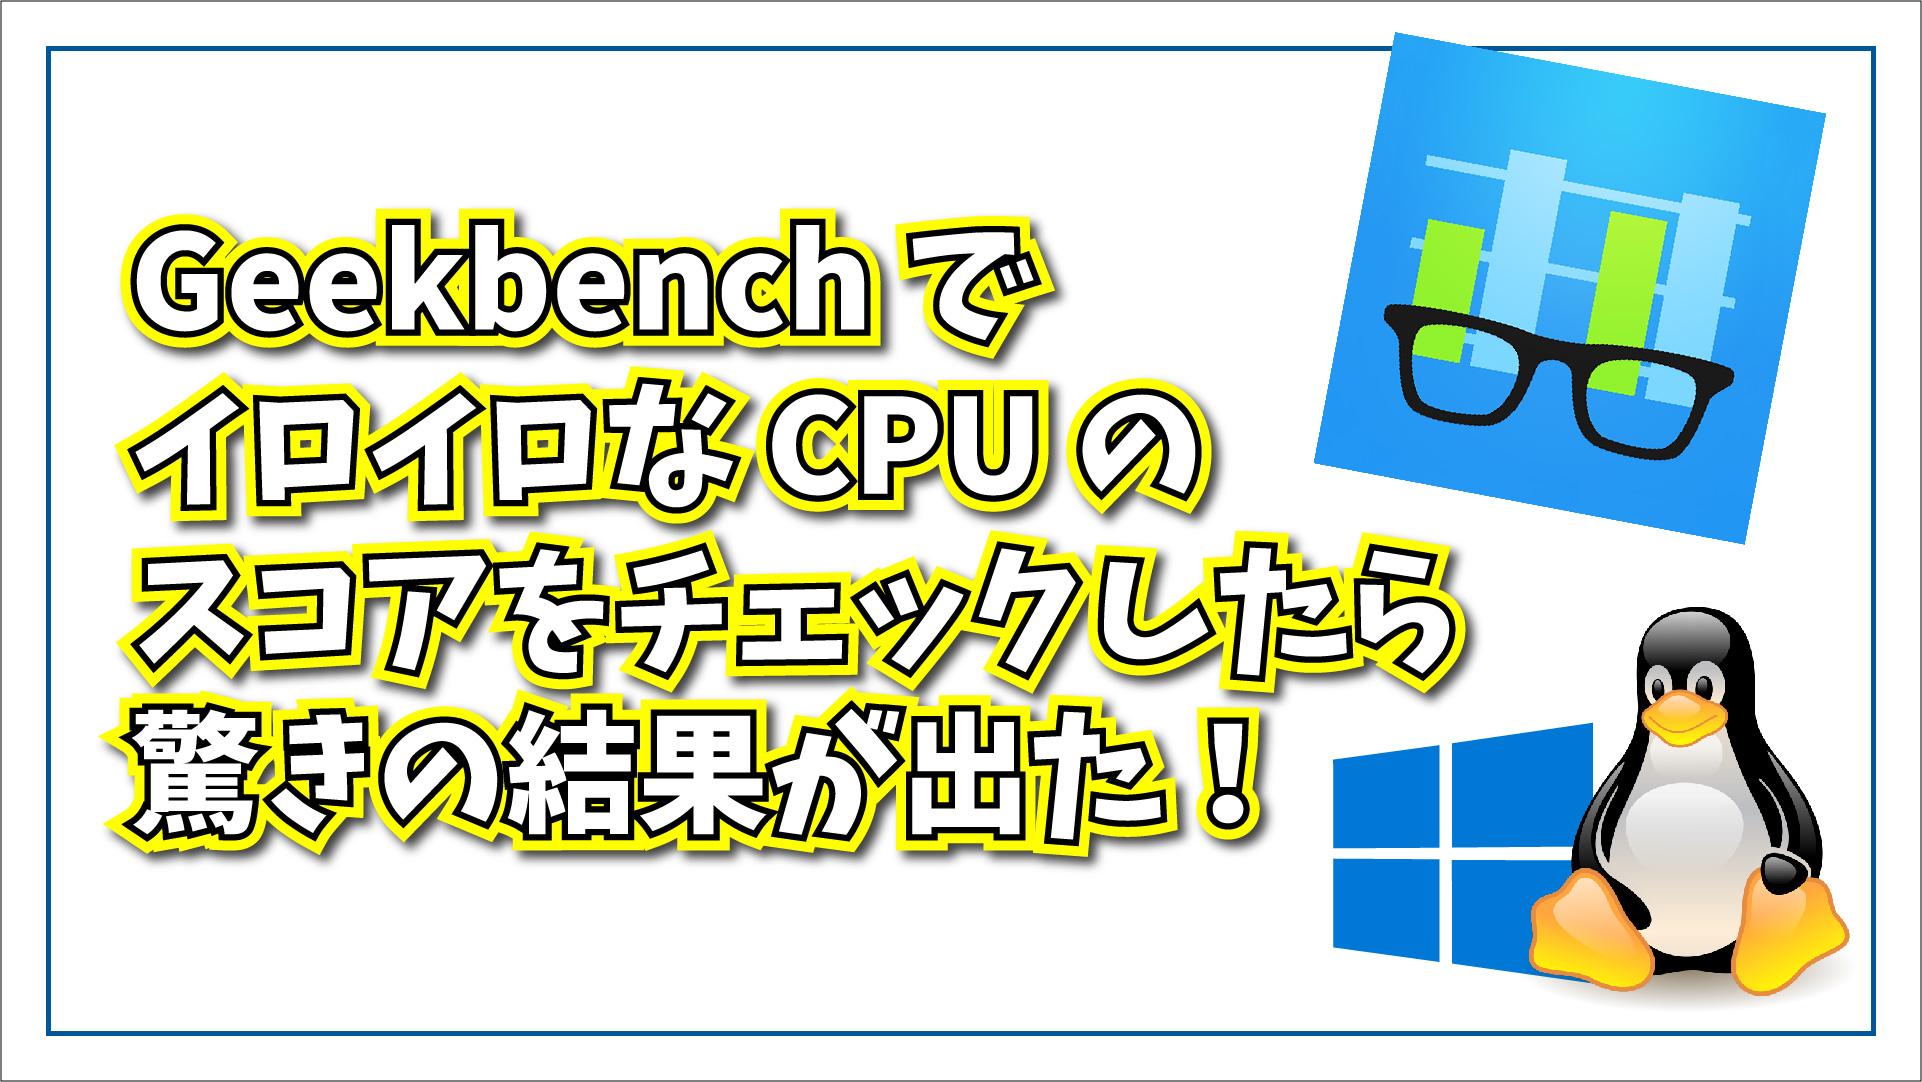 クロスプラットフォームの Geekbench でイロイロな CPU のスコアをチェックしたら驚きの結果がでた!